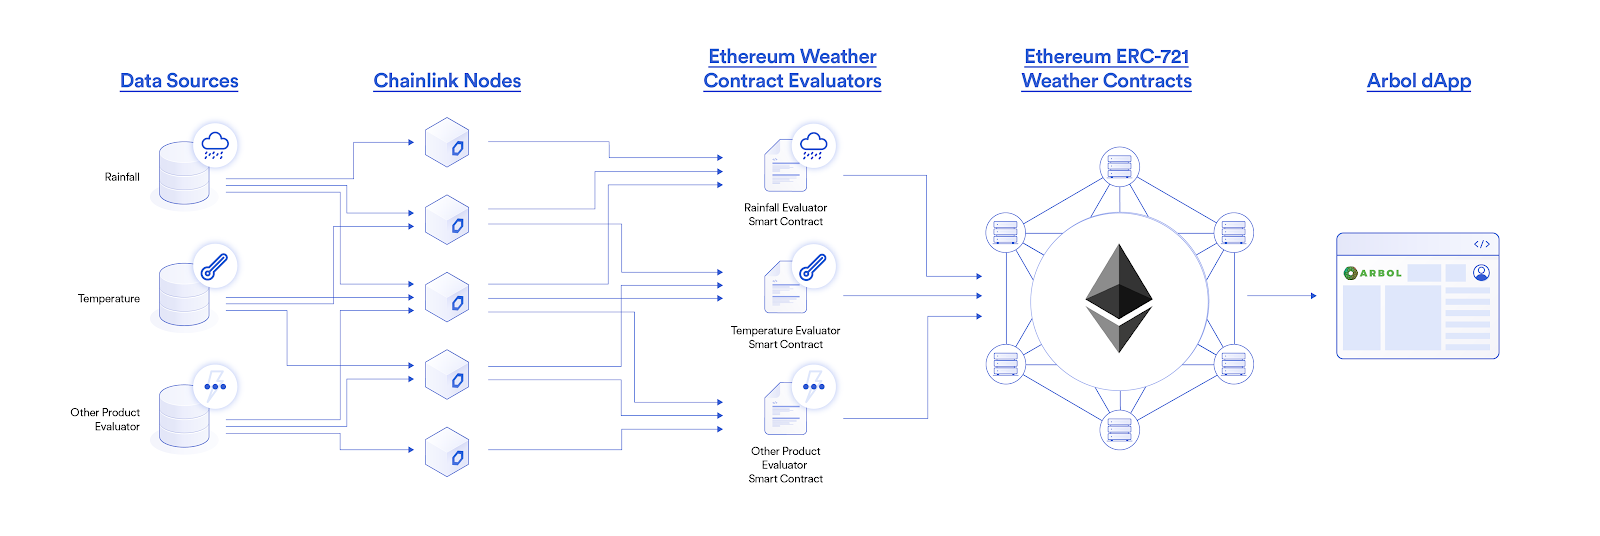 Arbol blockchain infrastructure